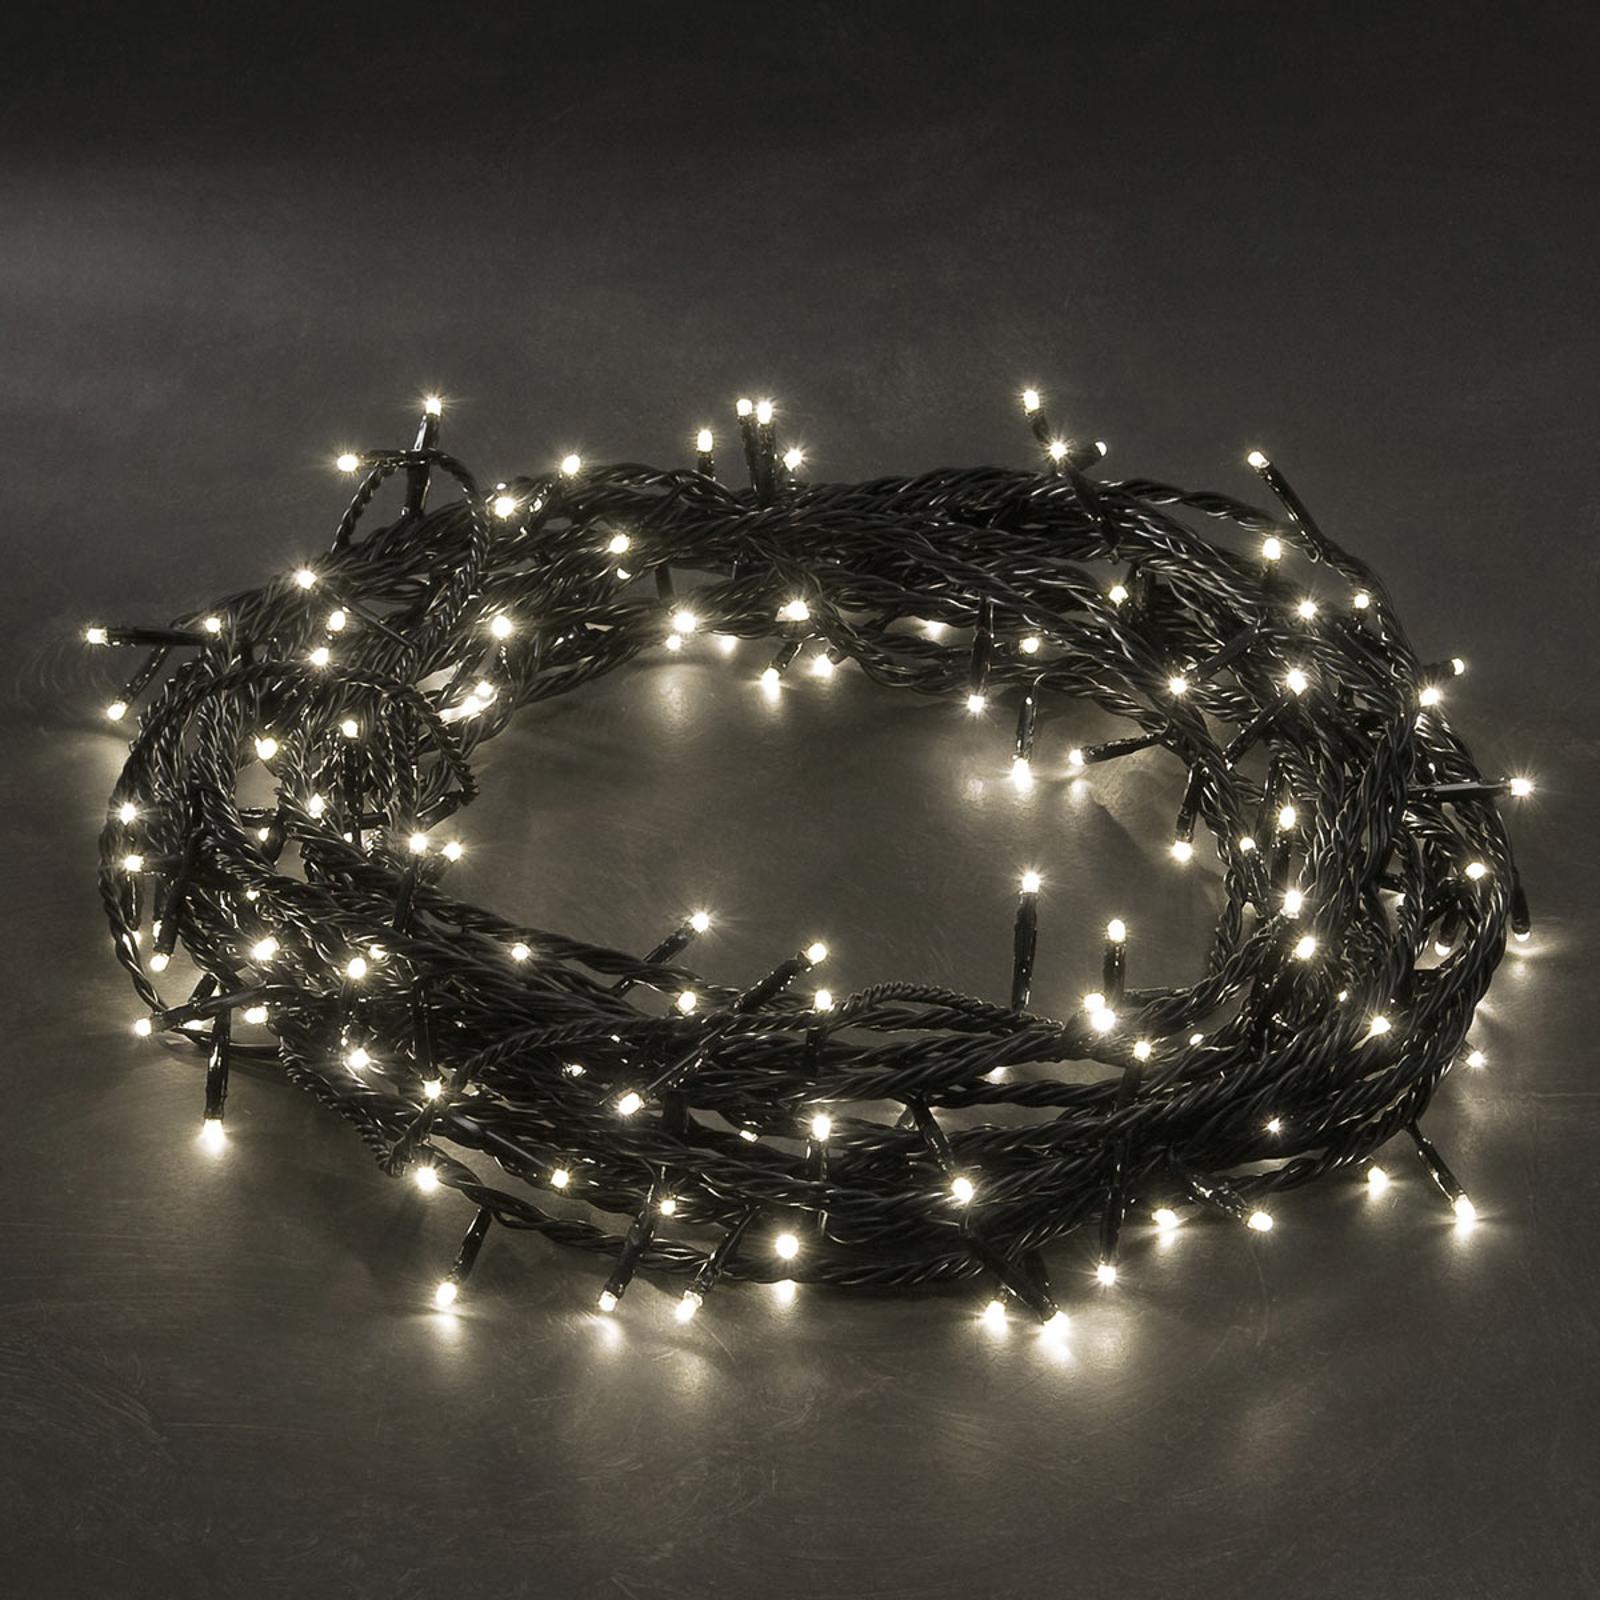 10,5 m langt mikrolyskjede med 80 varmhvite LED-er